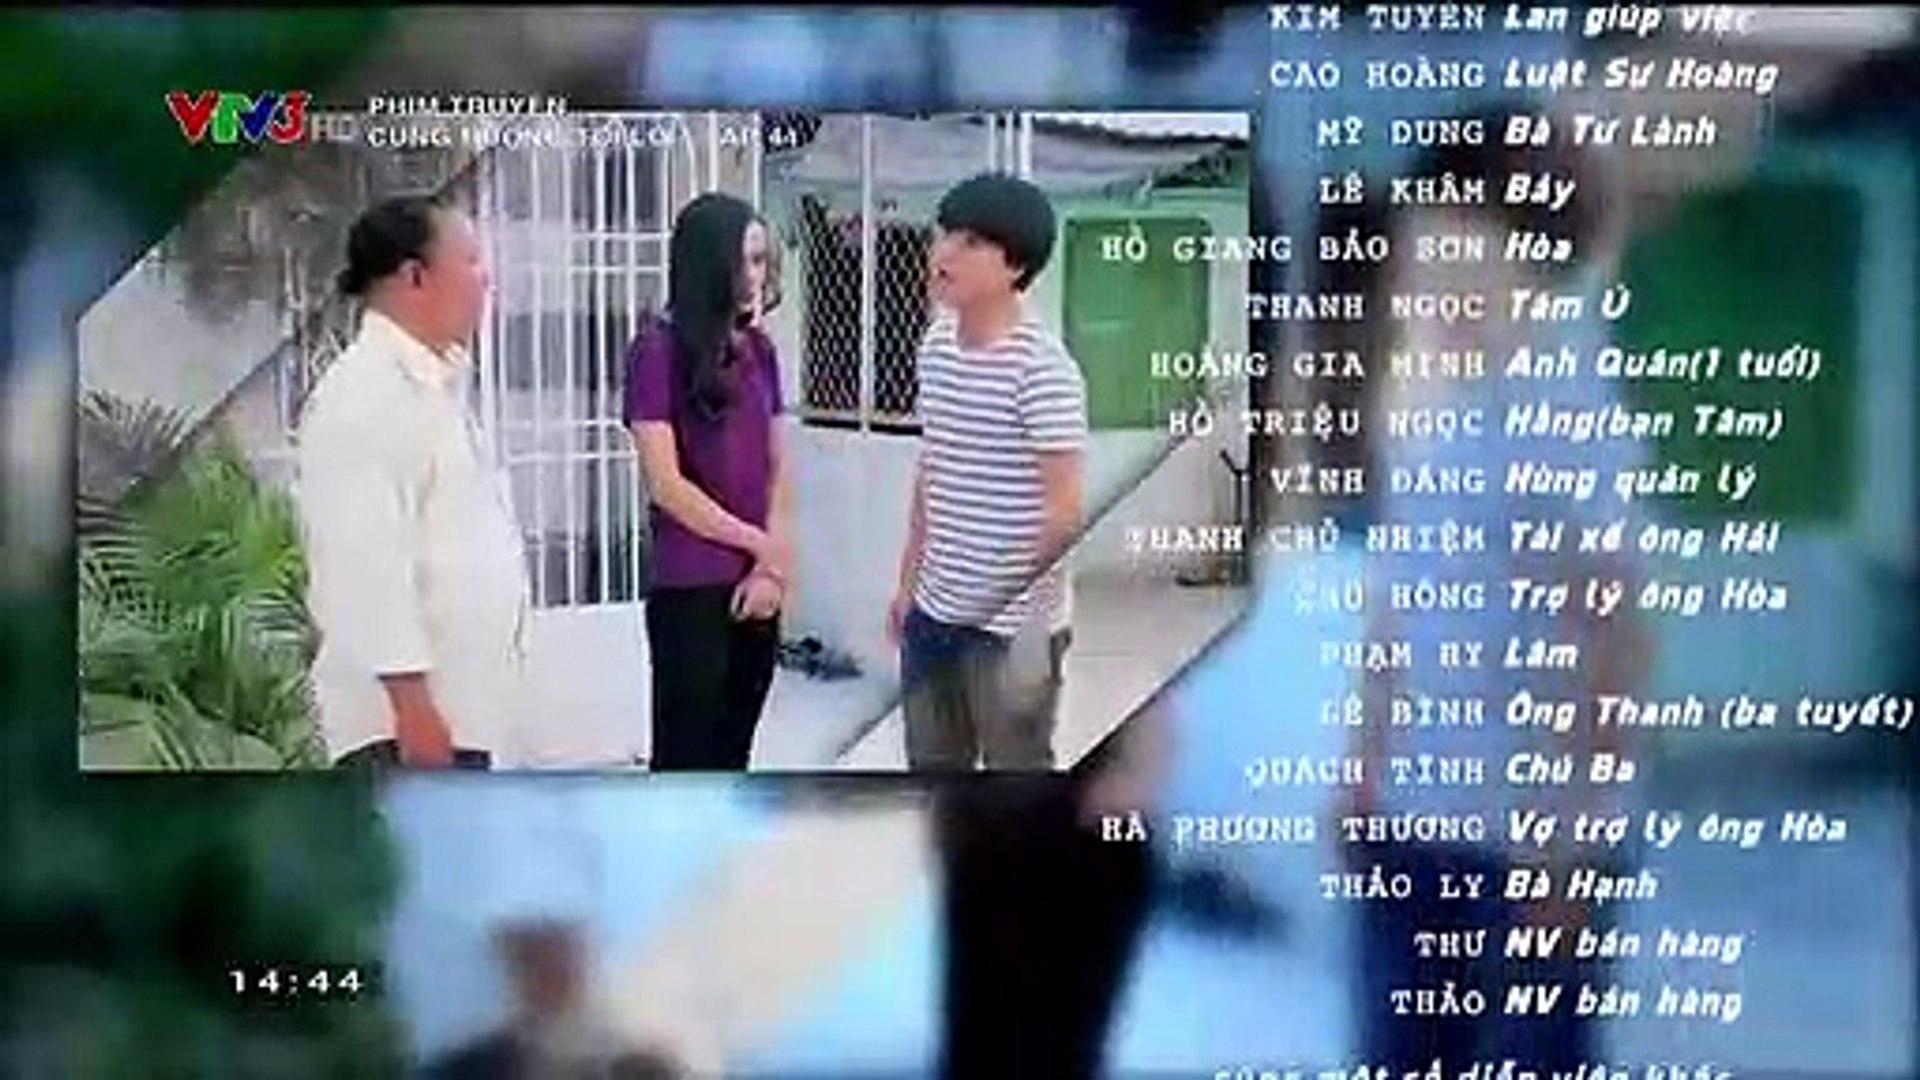 Cung Đường Tội Lỗi Tập 45 || Tập Cuối || Phim Việt Nam VTV3 || Cung Duong Toi Loi Tap 45 || Cung Duo